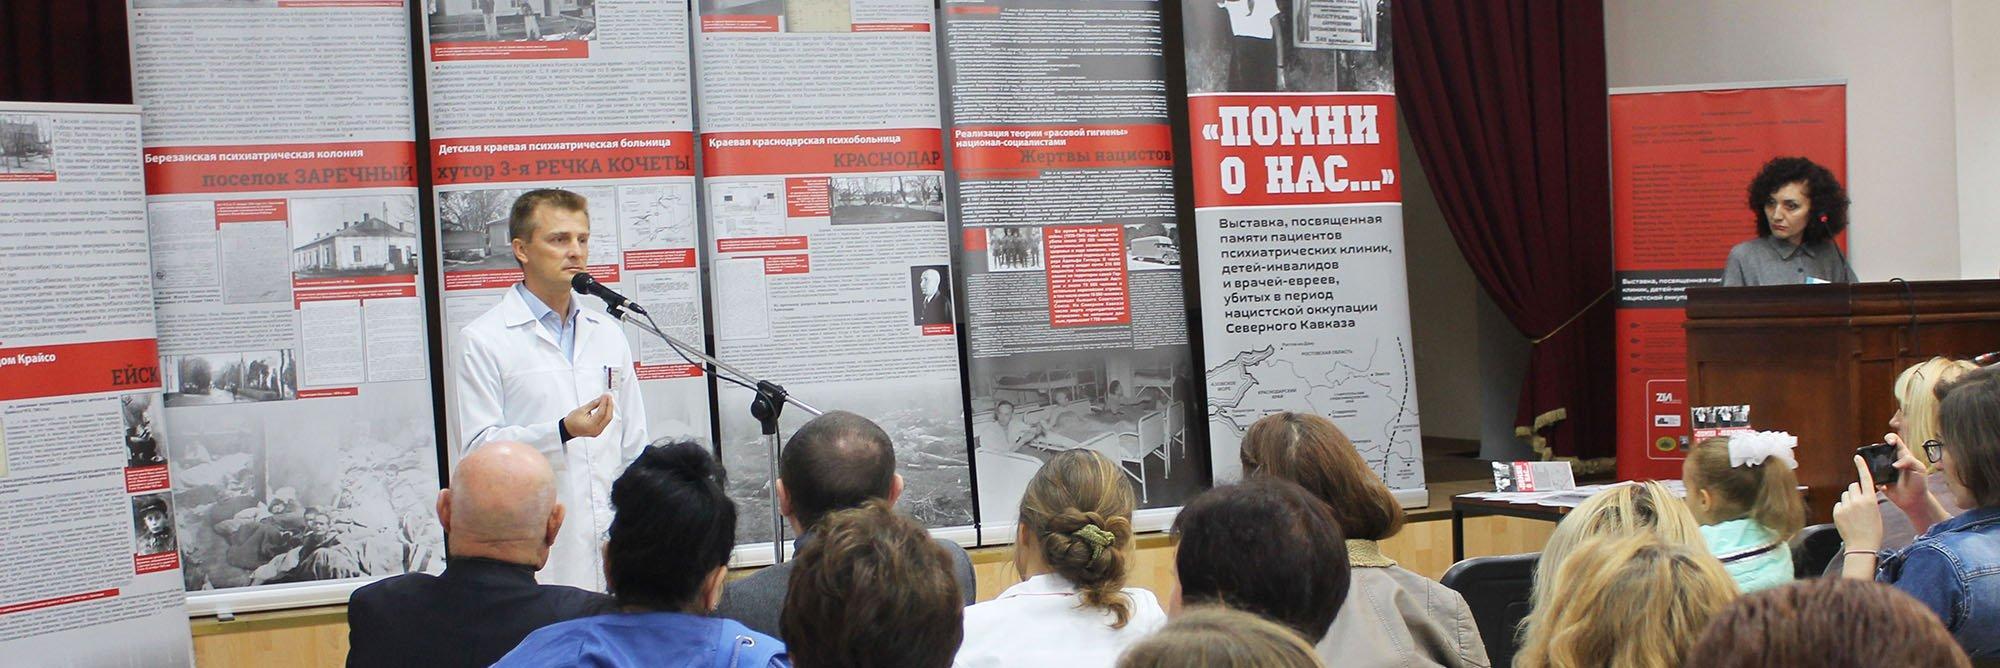 В больнице открылась выставка «Помни о нас…»